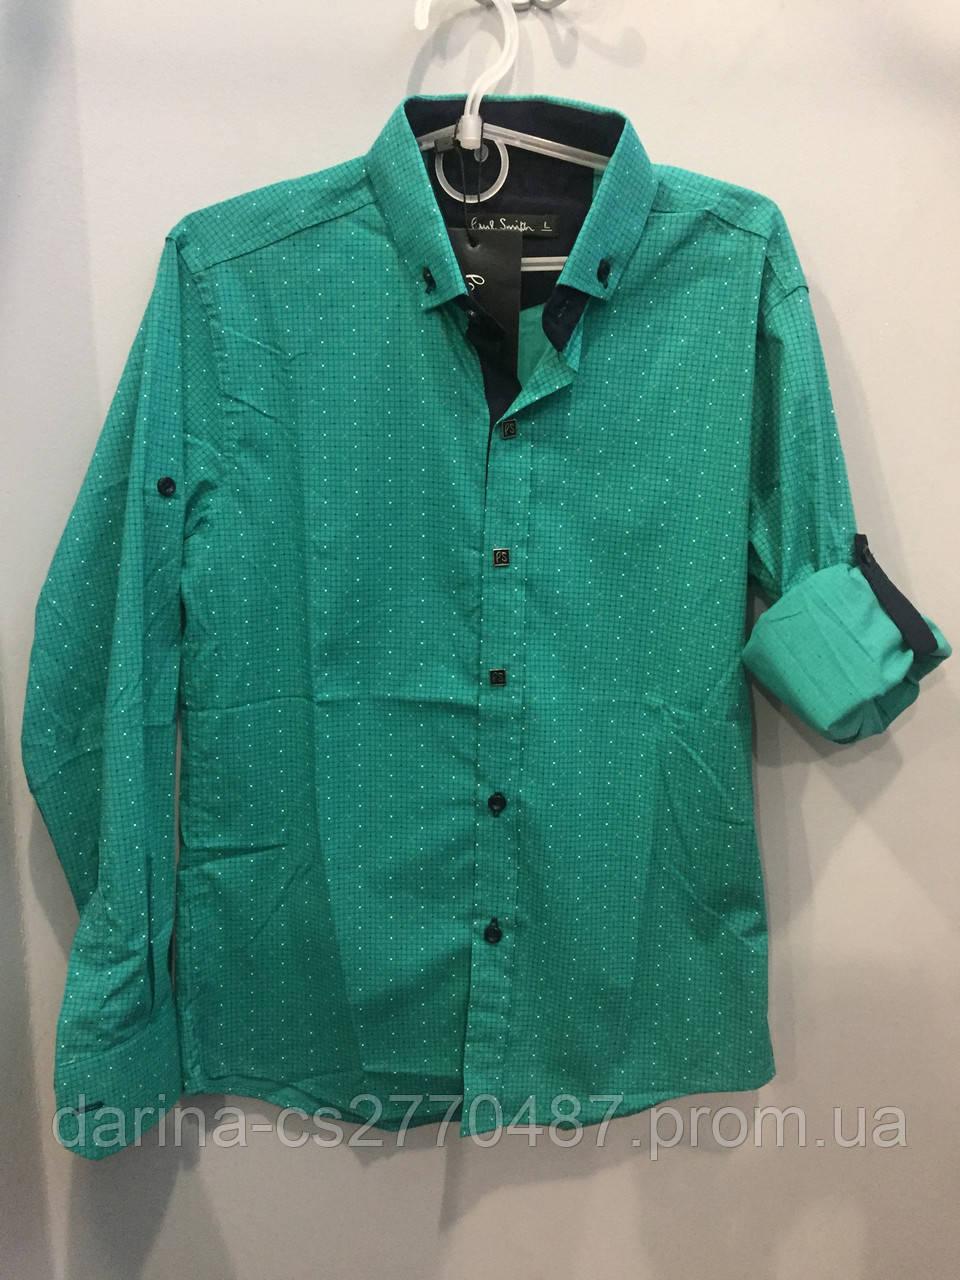 Стрейчевая рубашка на подростка